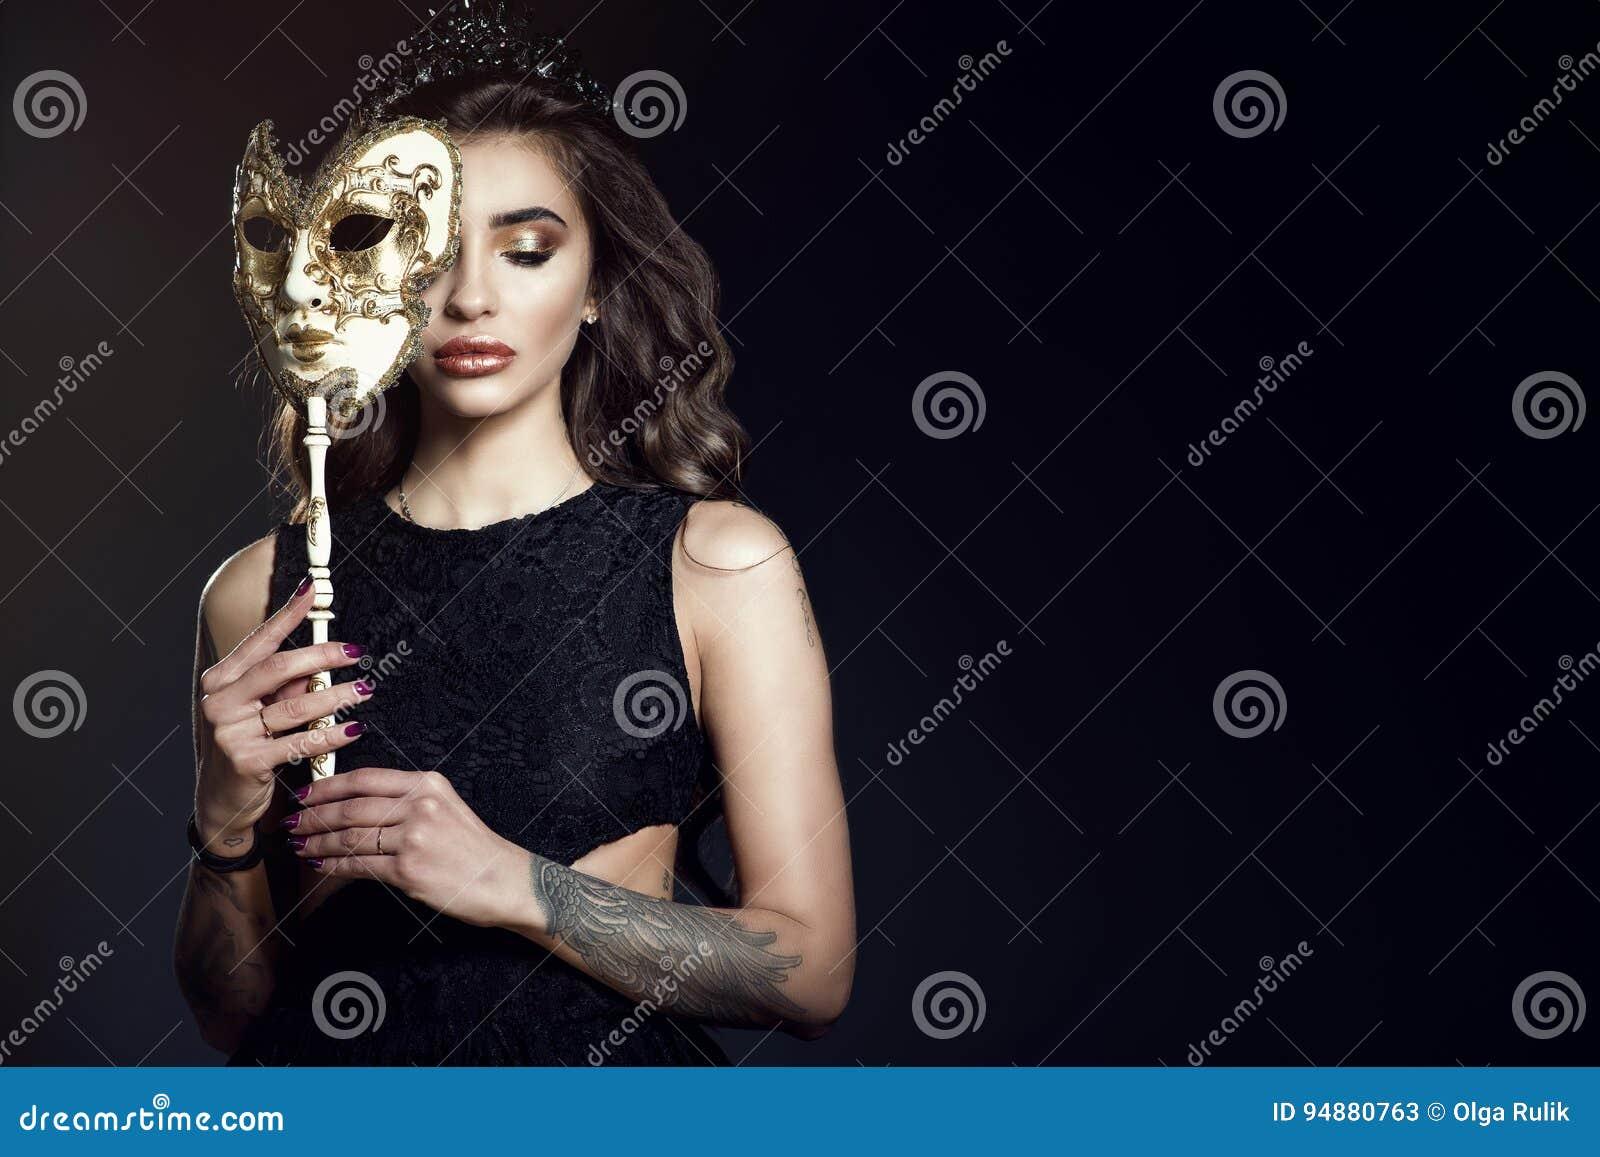 Mooie dame met gesloten ogen die de helft van haar gezicht achter het Venetiaanse masker verbergen